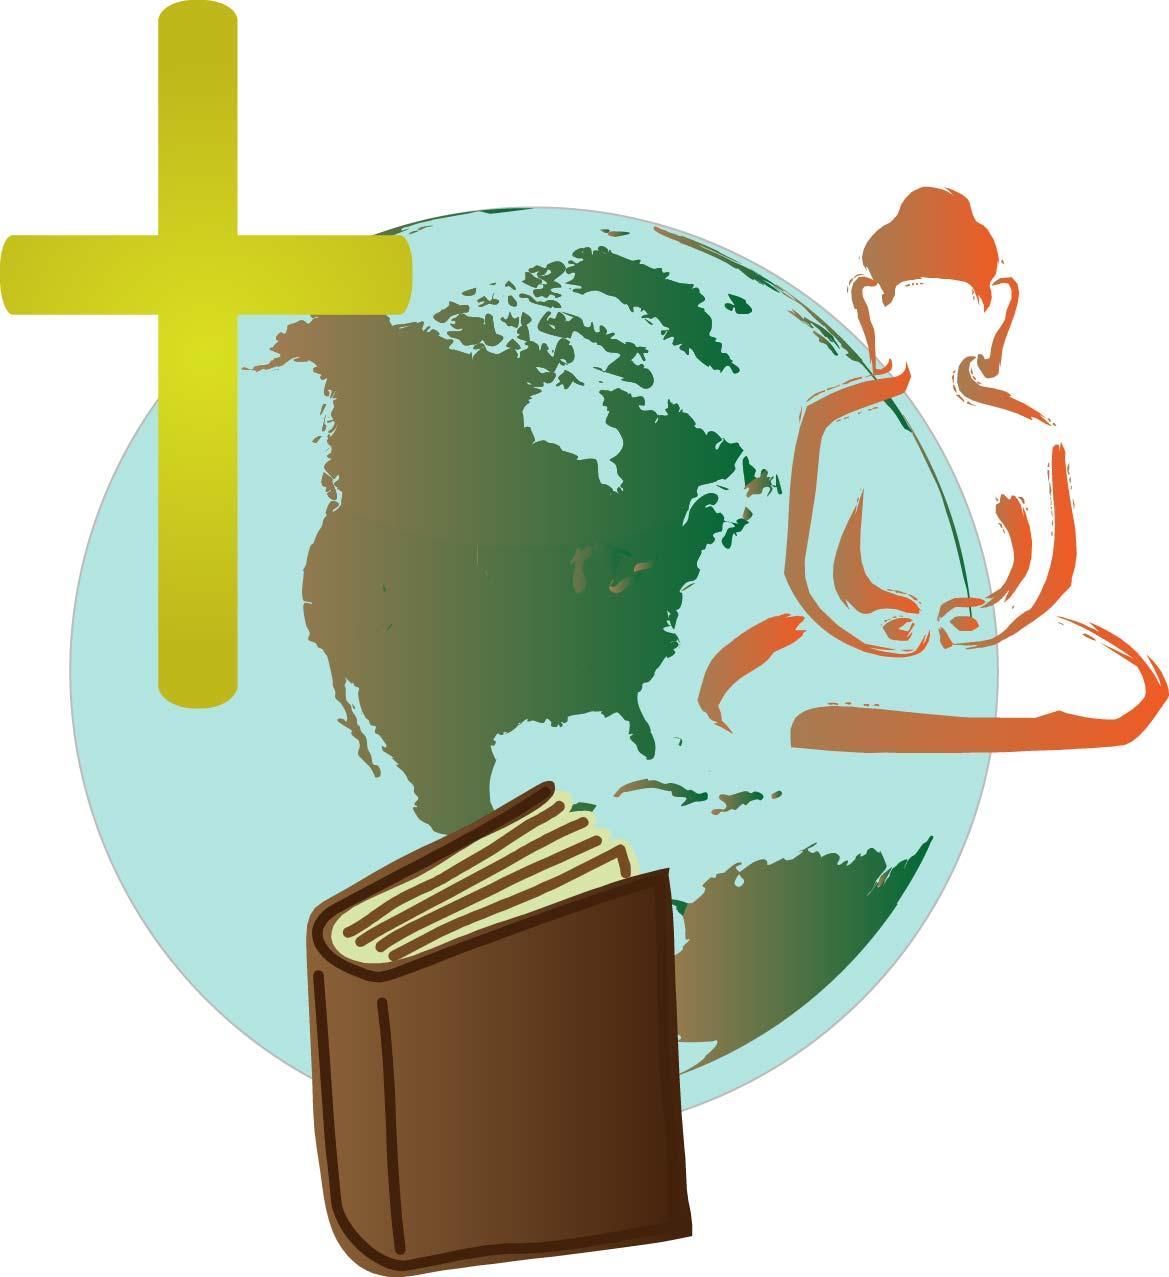 Discovering BVU religi...